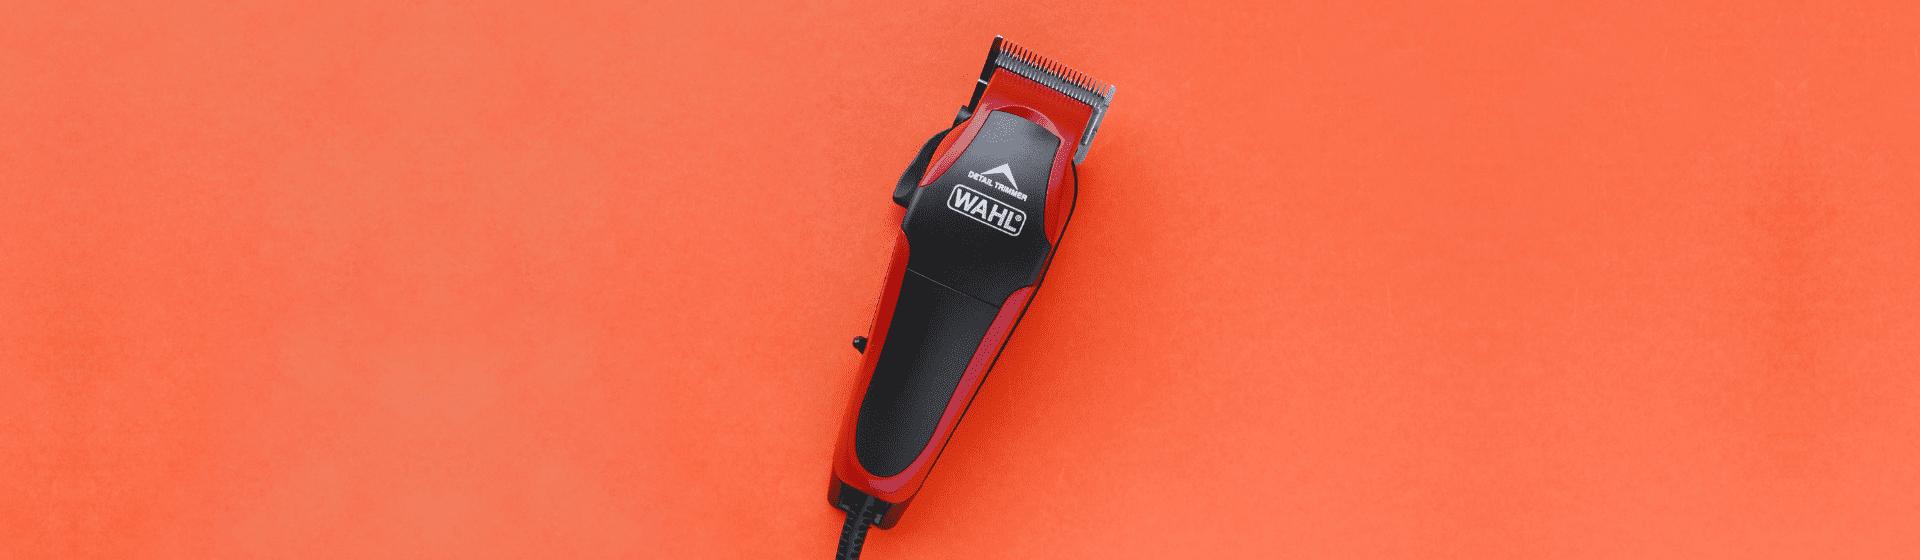 Melhor máquina de cortar cabelo Wahl de 2021: 7 opções para comprar